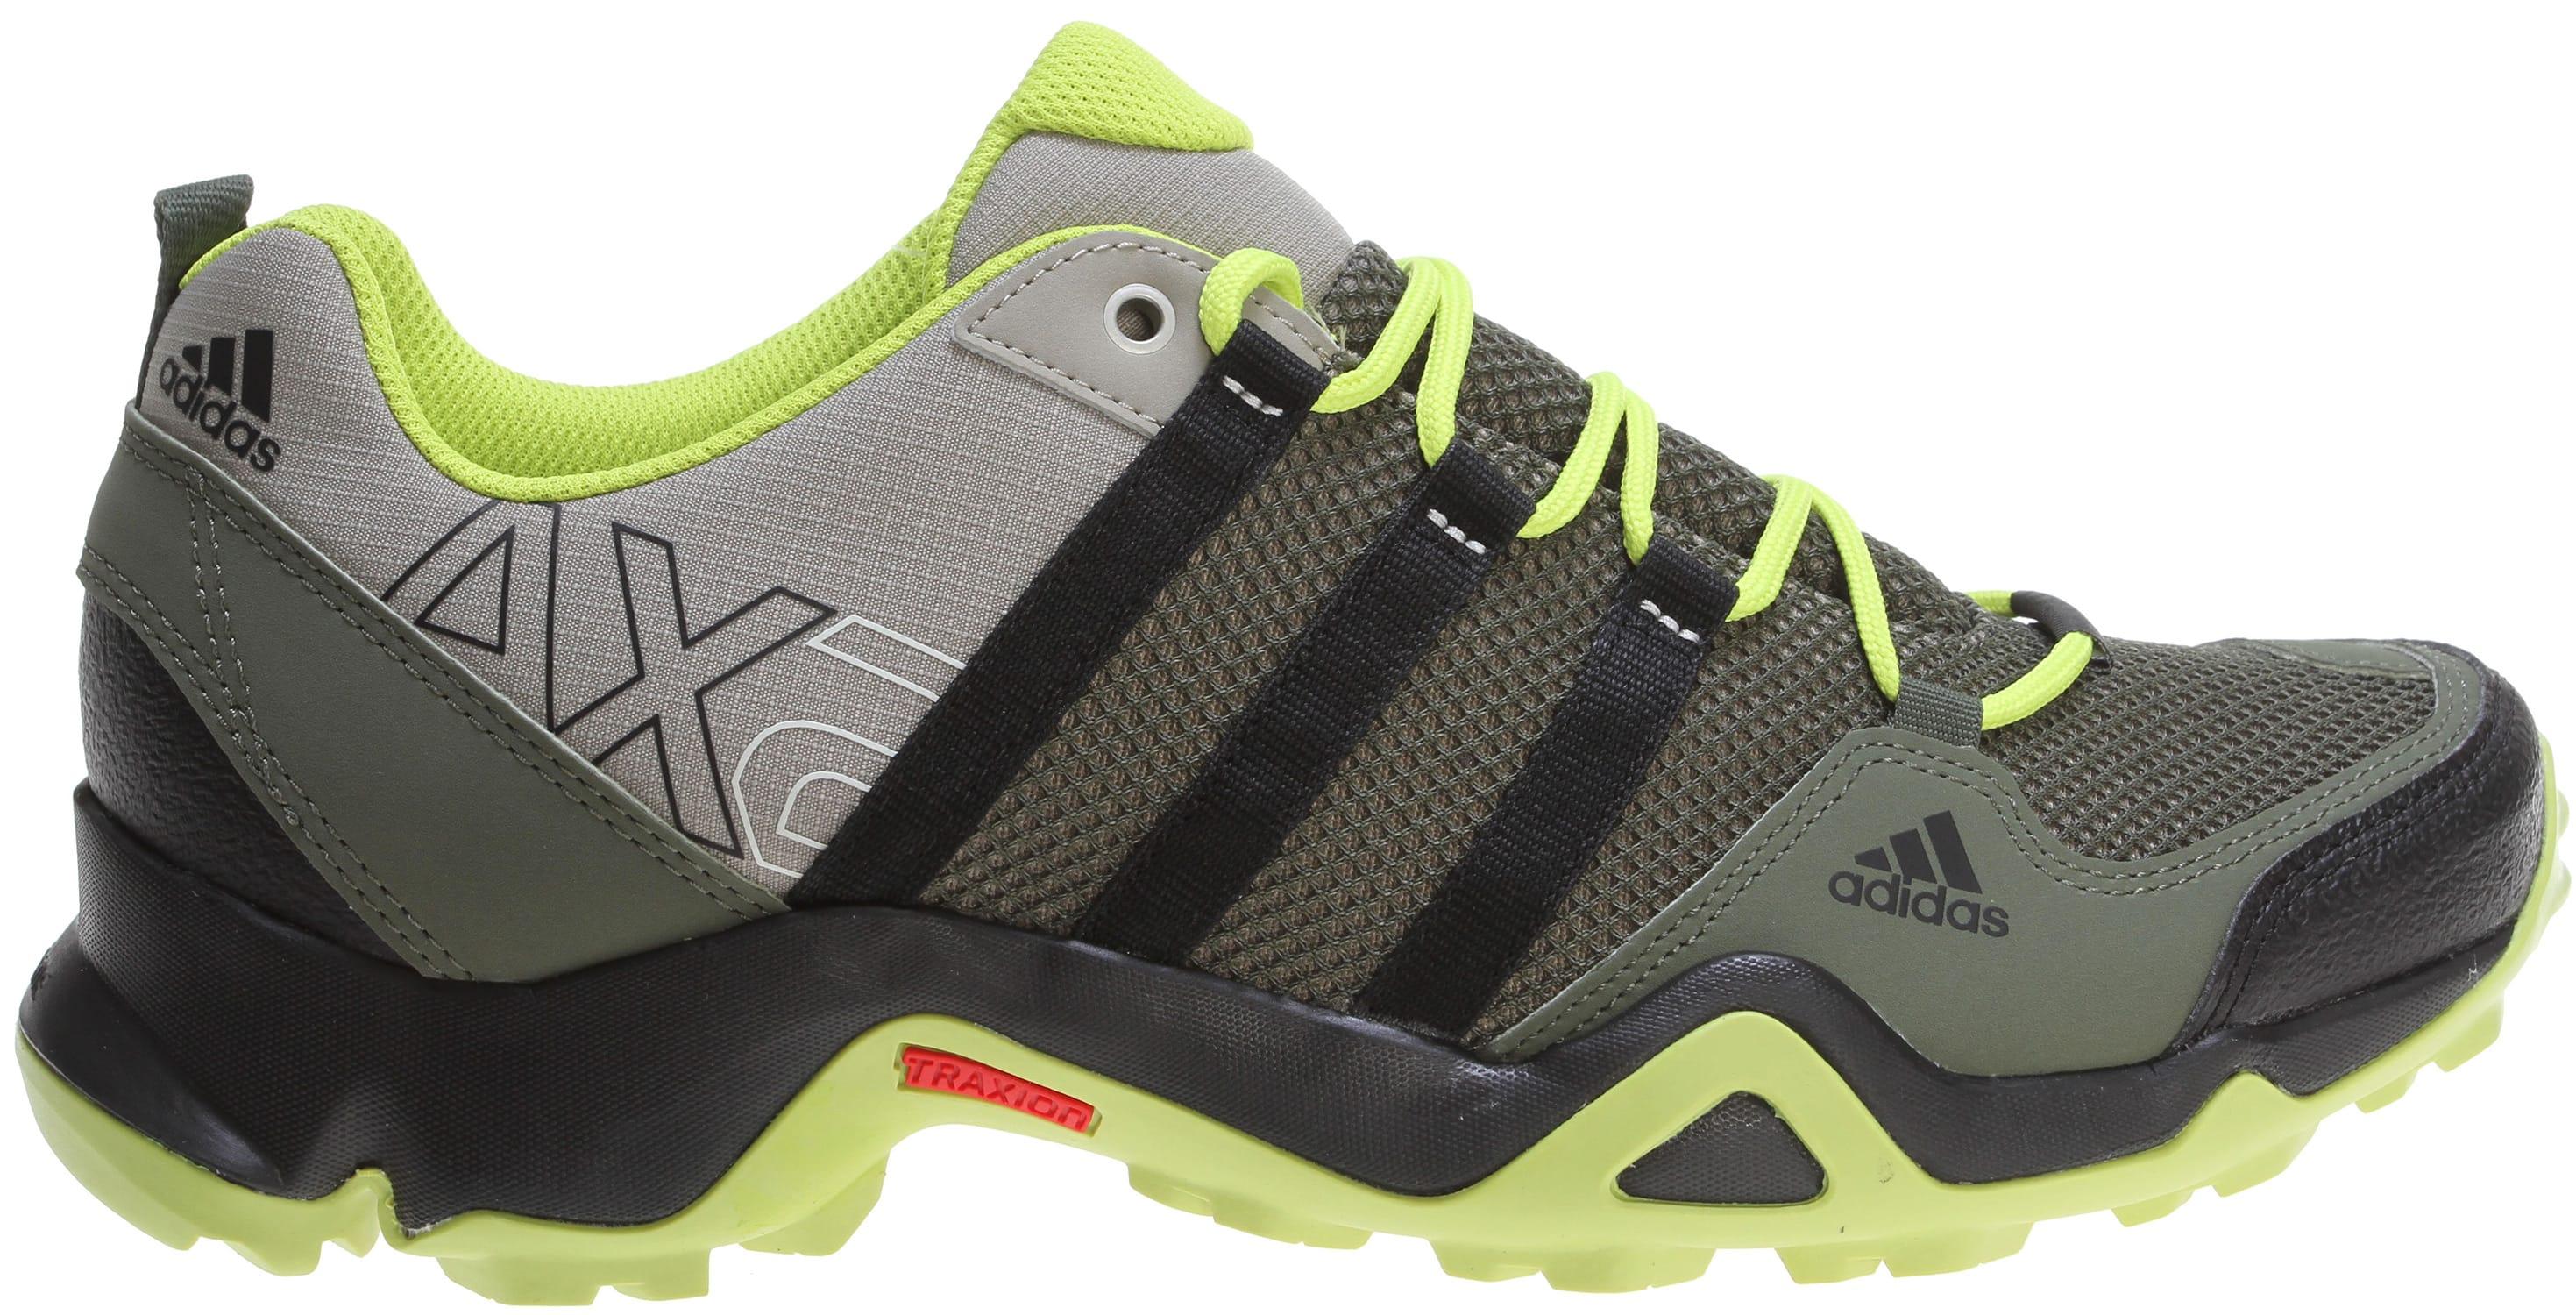 Adidas AX2 Hiking Shoes Mens Sz 10